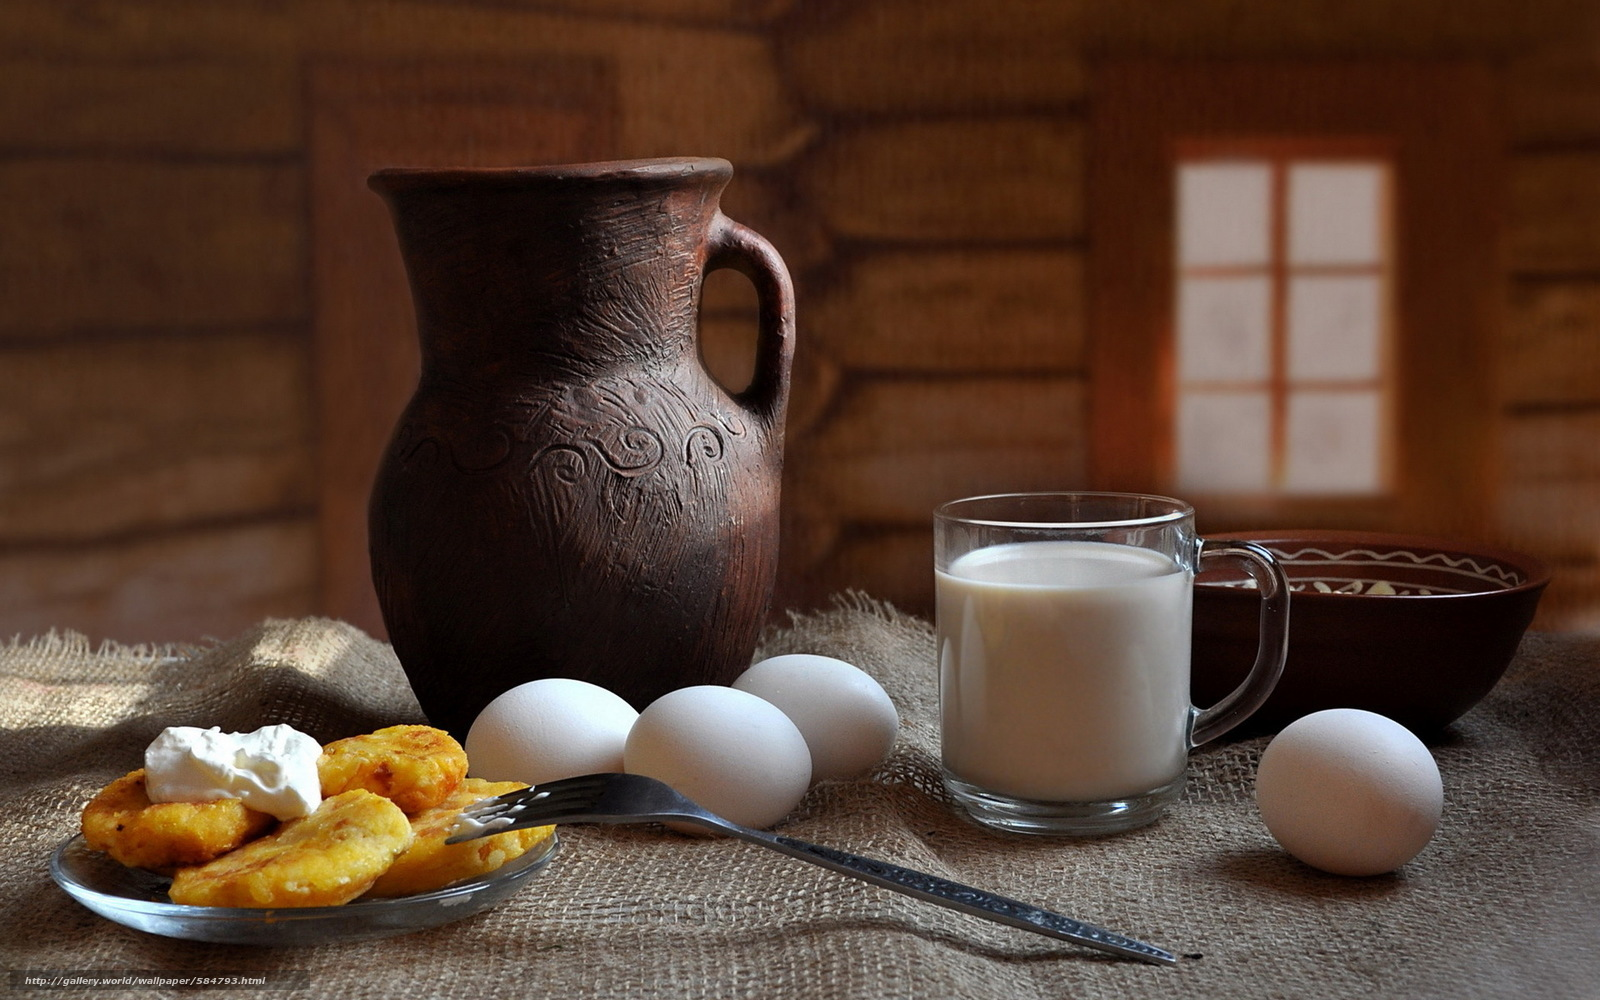 Скачать обои пища,  натюрморт,  молоко,  яйца бесплатно для рабочего стола в разрешении 1920x1200 — картинка №584793